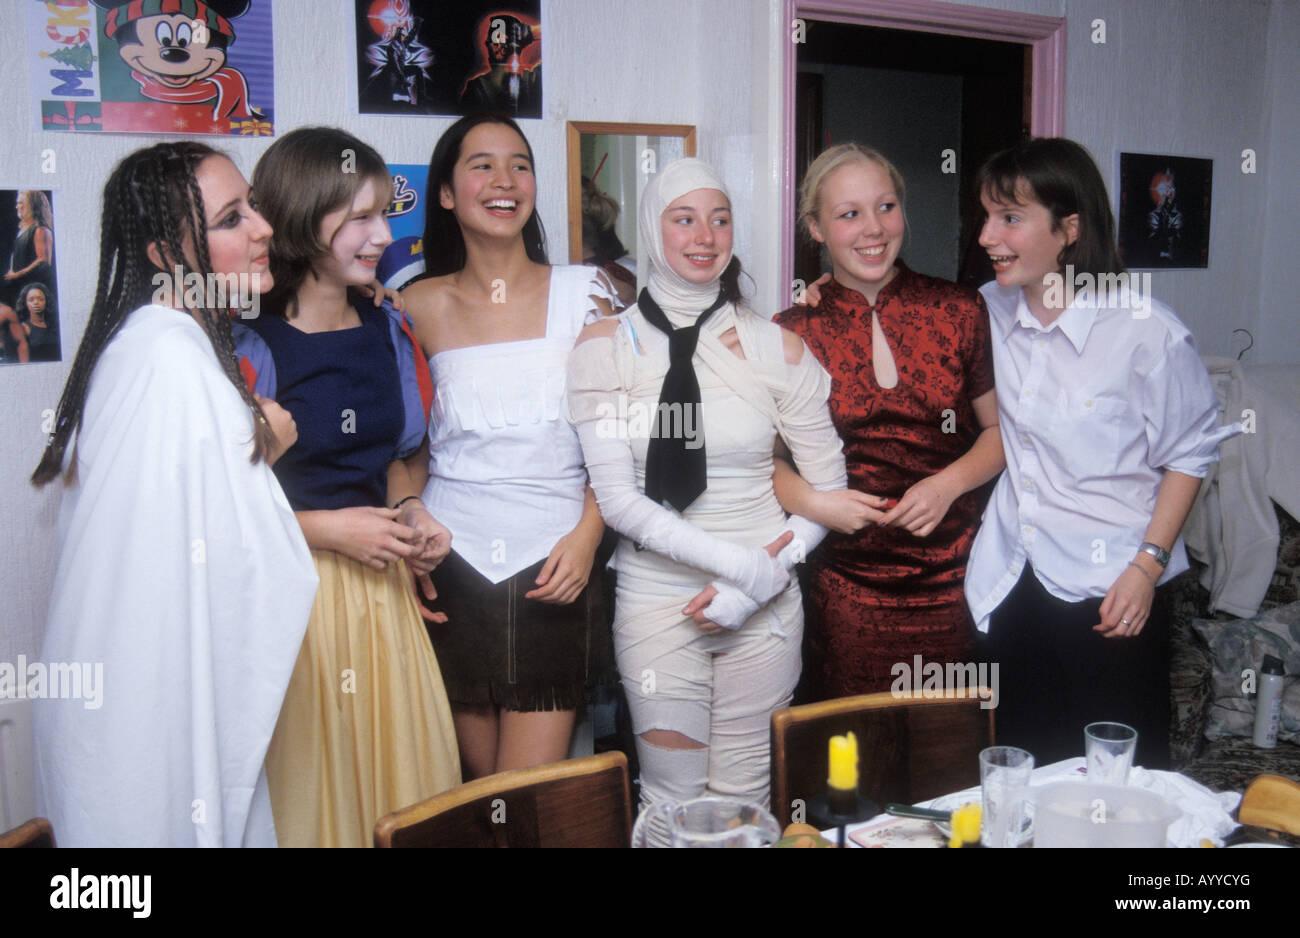 Un gruppo di ragazze adolescenti a festa in costume Foto   Immagine ... d2d125a4144